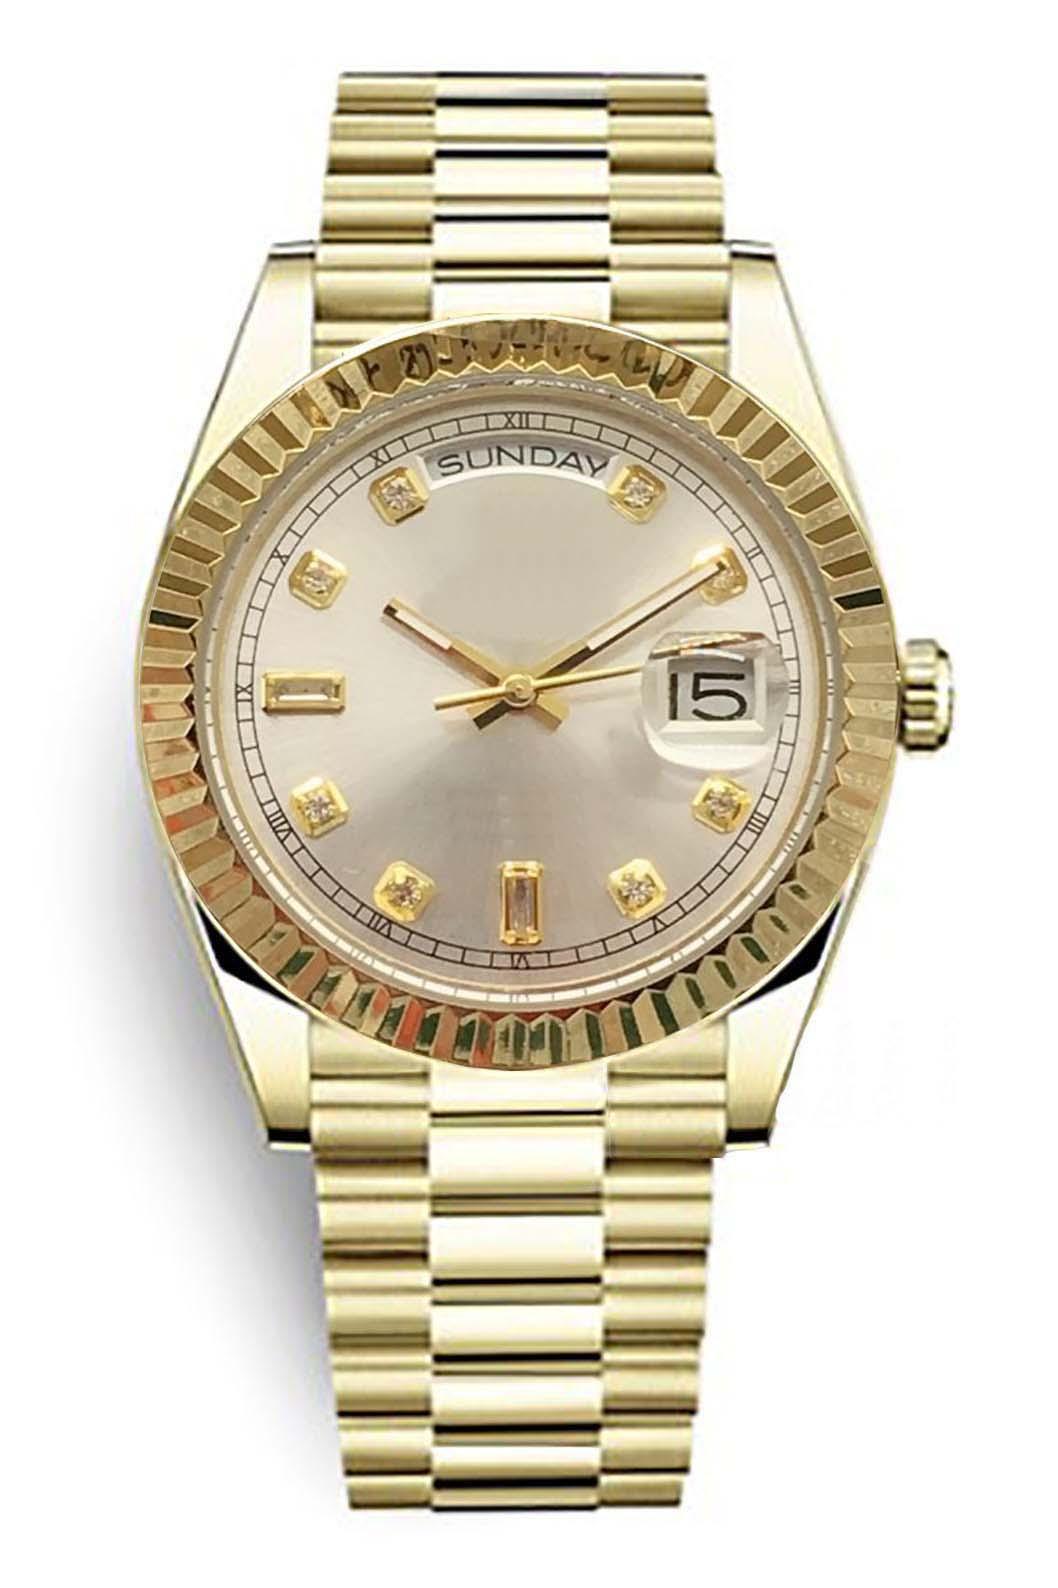 마스터 디자이너 시계, 남성 운동 시계, 밀레니엄 팔찌, 스테인레스 스틸 다이얼. 접는 걸쇠, 사파이어 거울